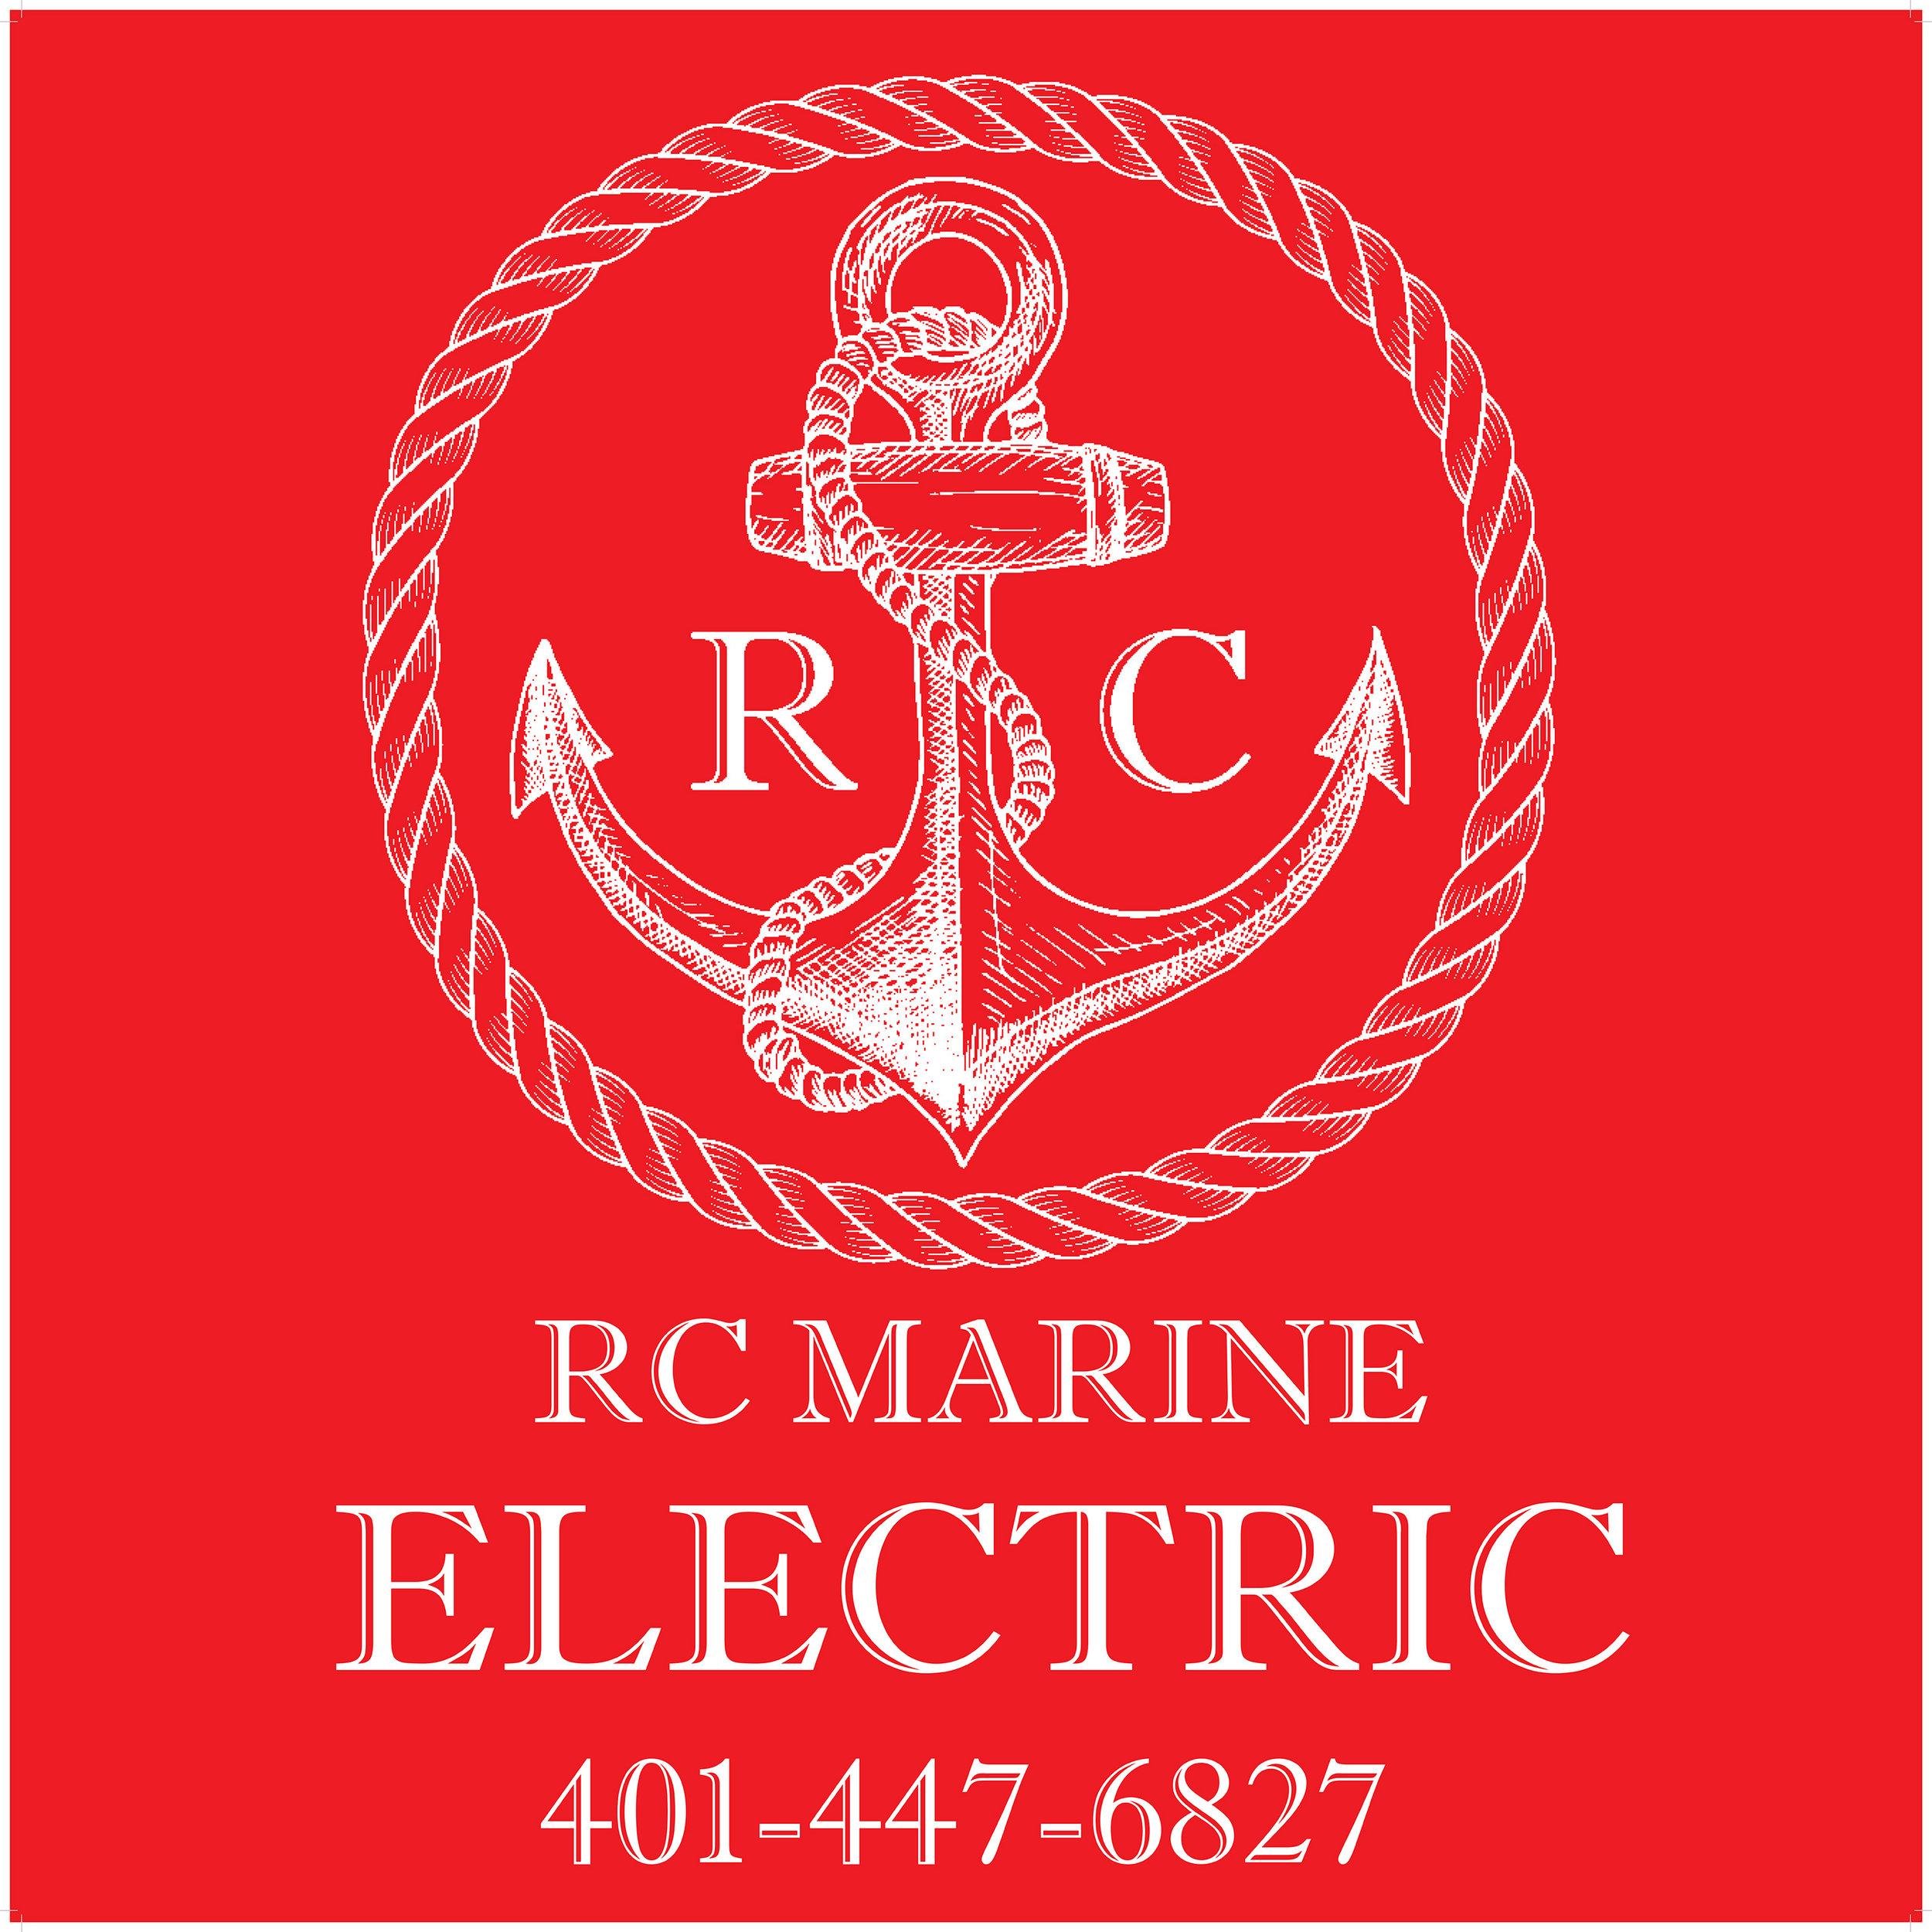 rc_marine_logo.jpg